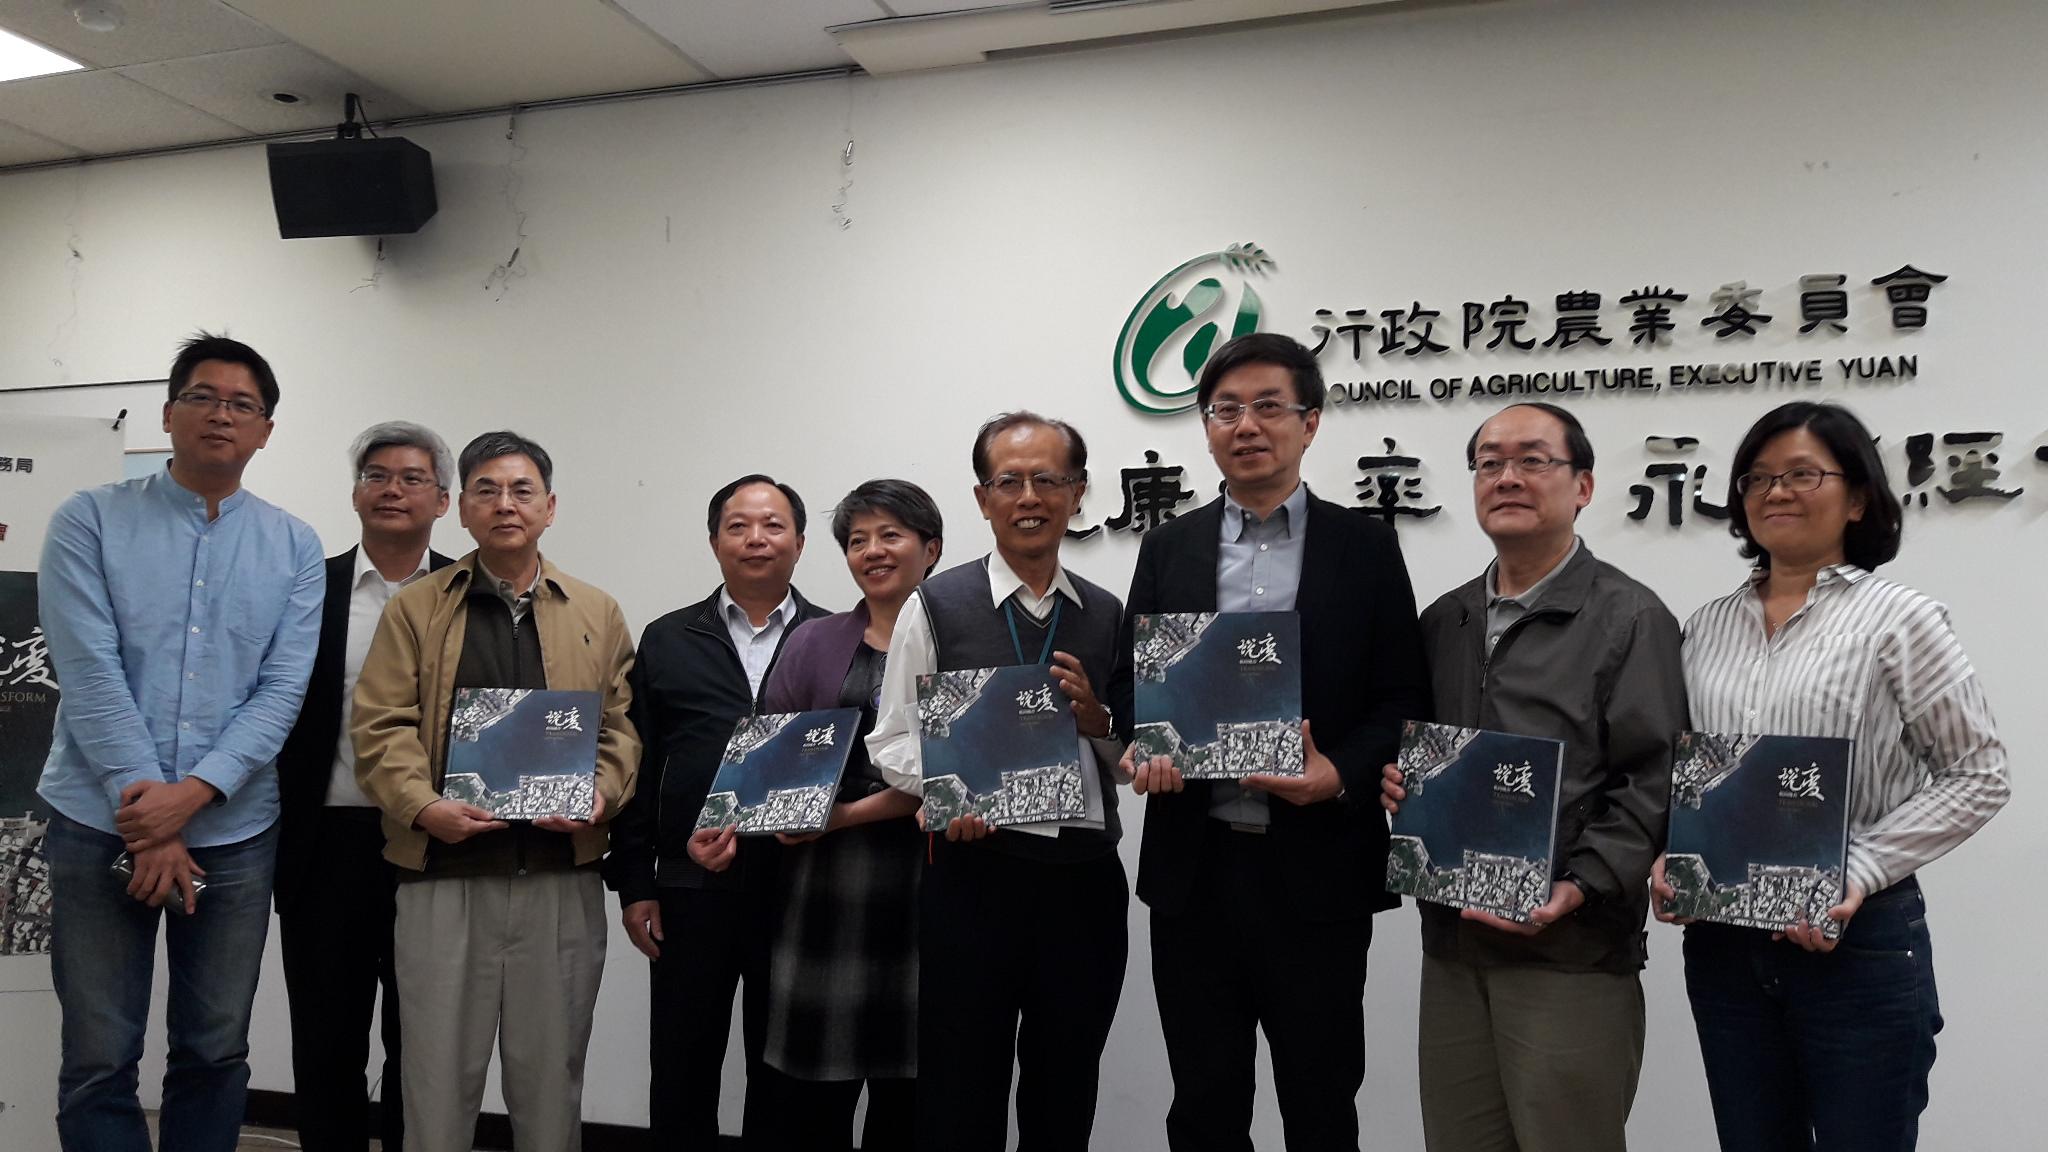 林務局長林慶華(右三)、農林航空測量所所長管立豪(右四)與中研院人文中心執行長范毅軍(左三)與《蛻變 航向城市》團隊一同出席13日新書發表會。(記者林靜怡攝)